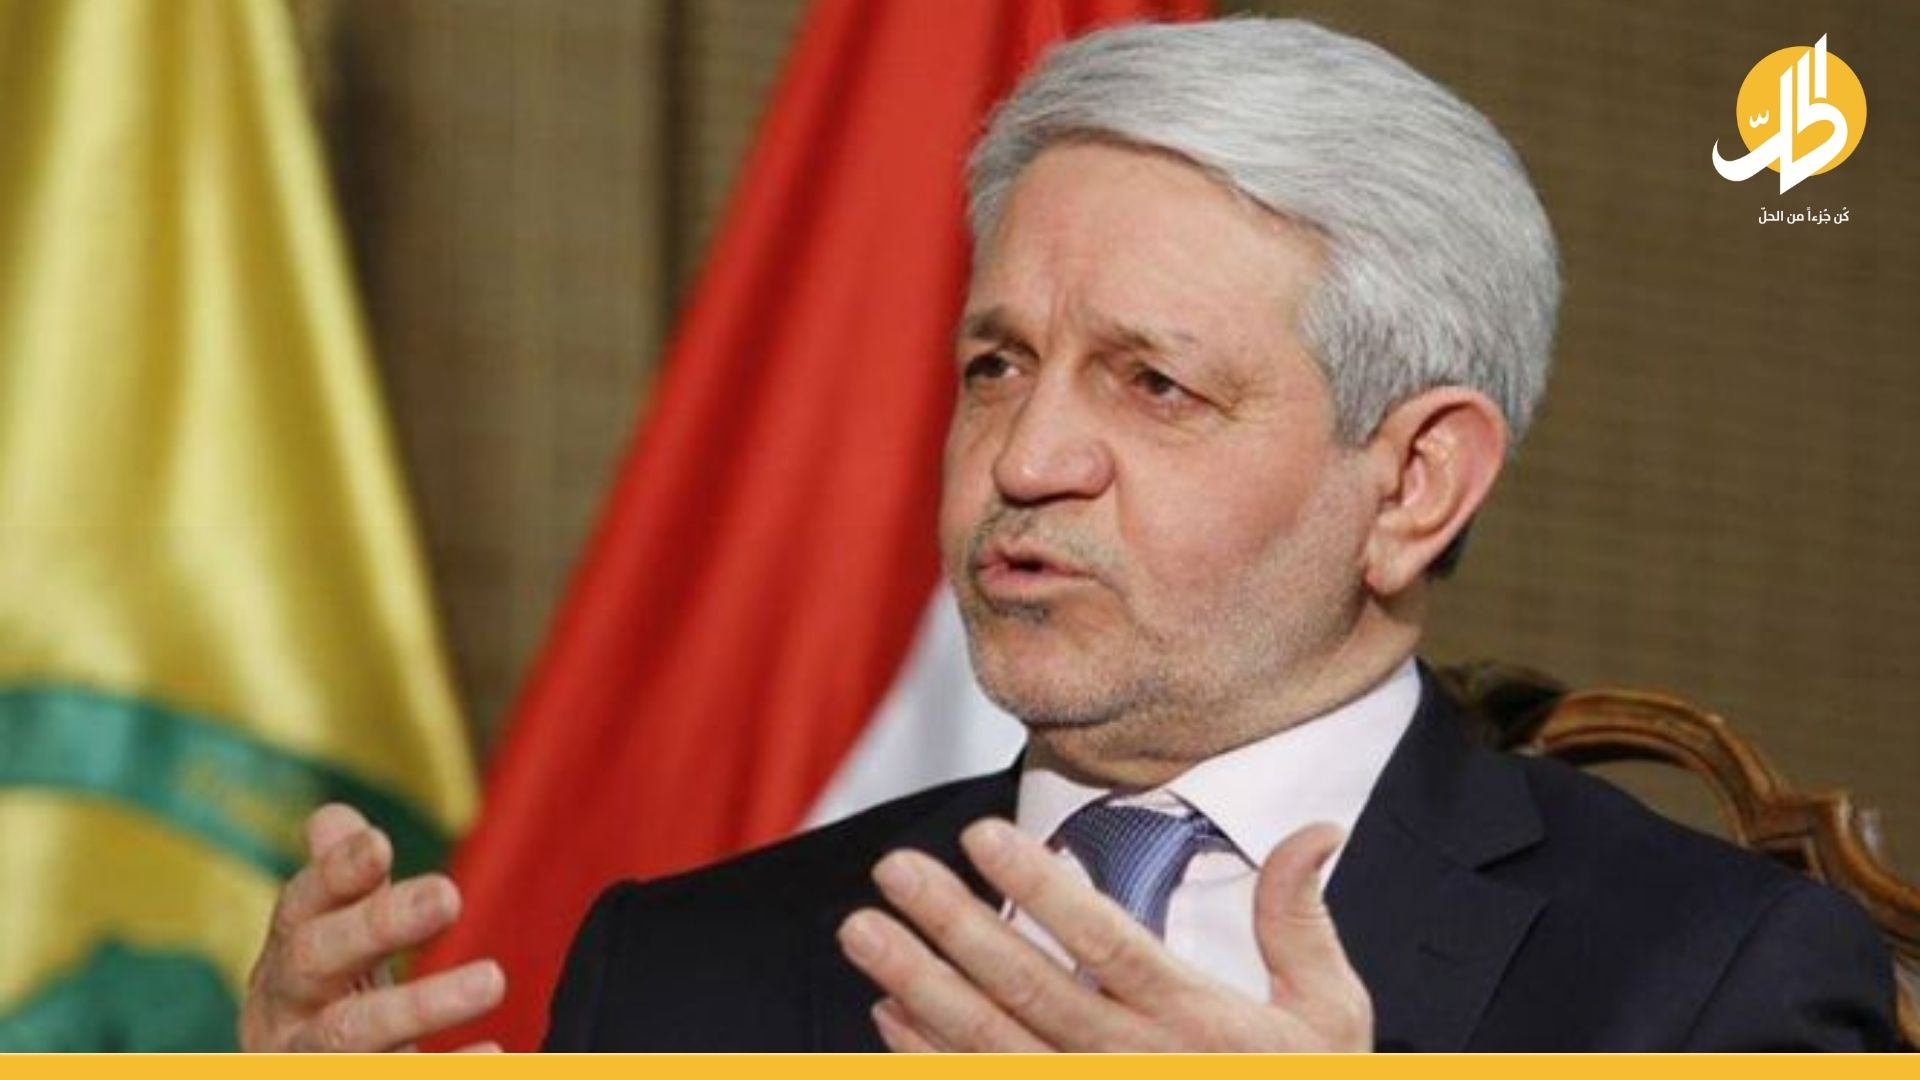 """باقر جبر صولاغ يتوعّد بإيقاف الرئاسات العراقية على """"تك رجل"""".. التفاصيل الكاملة"""